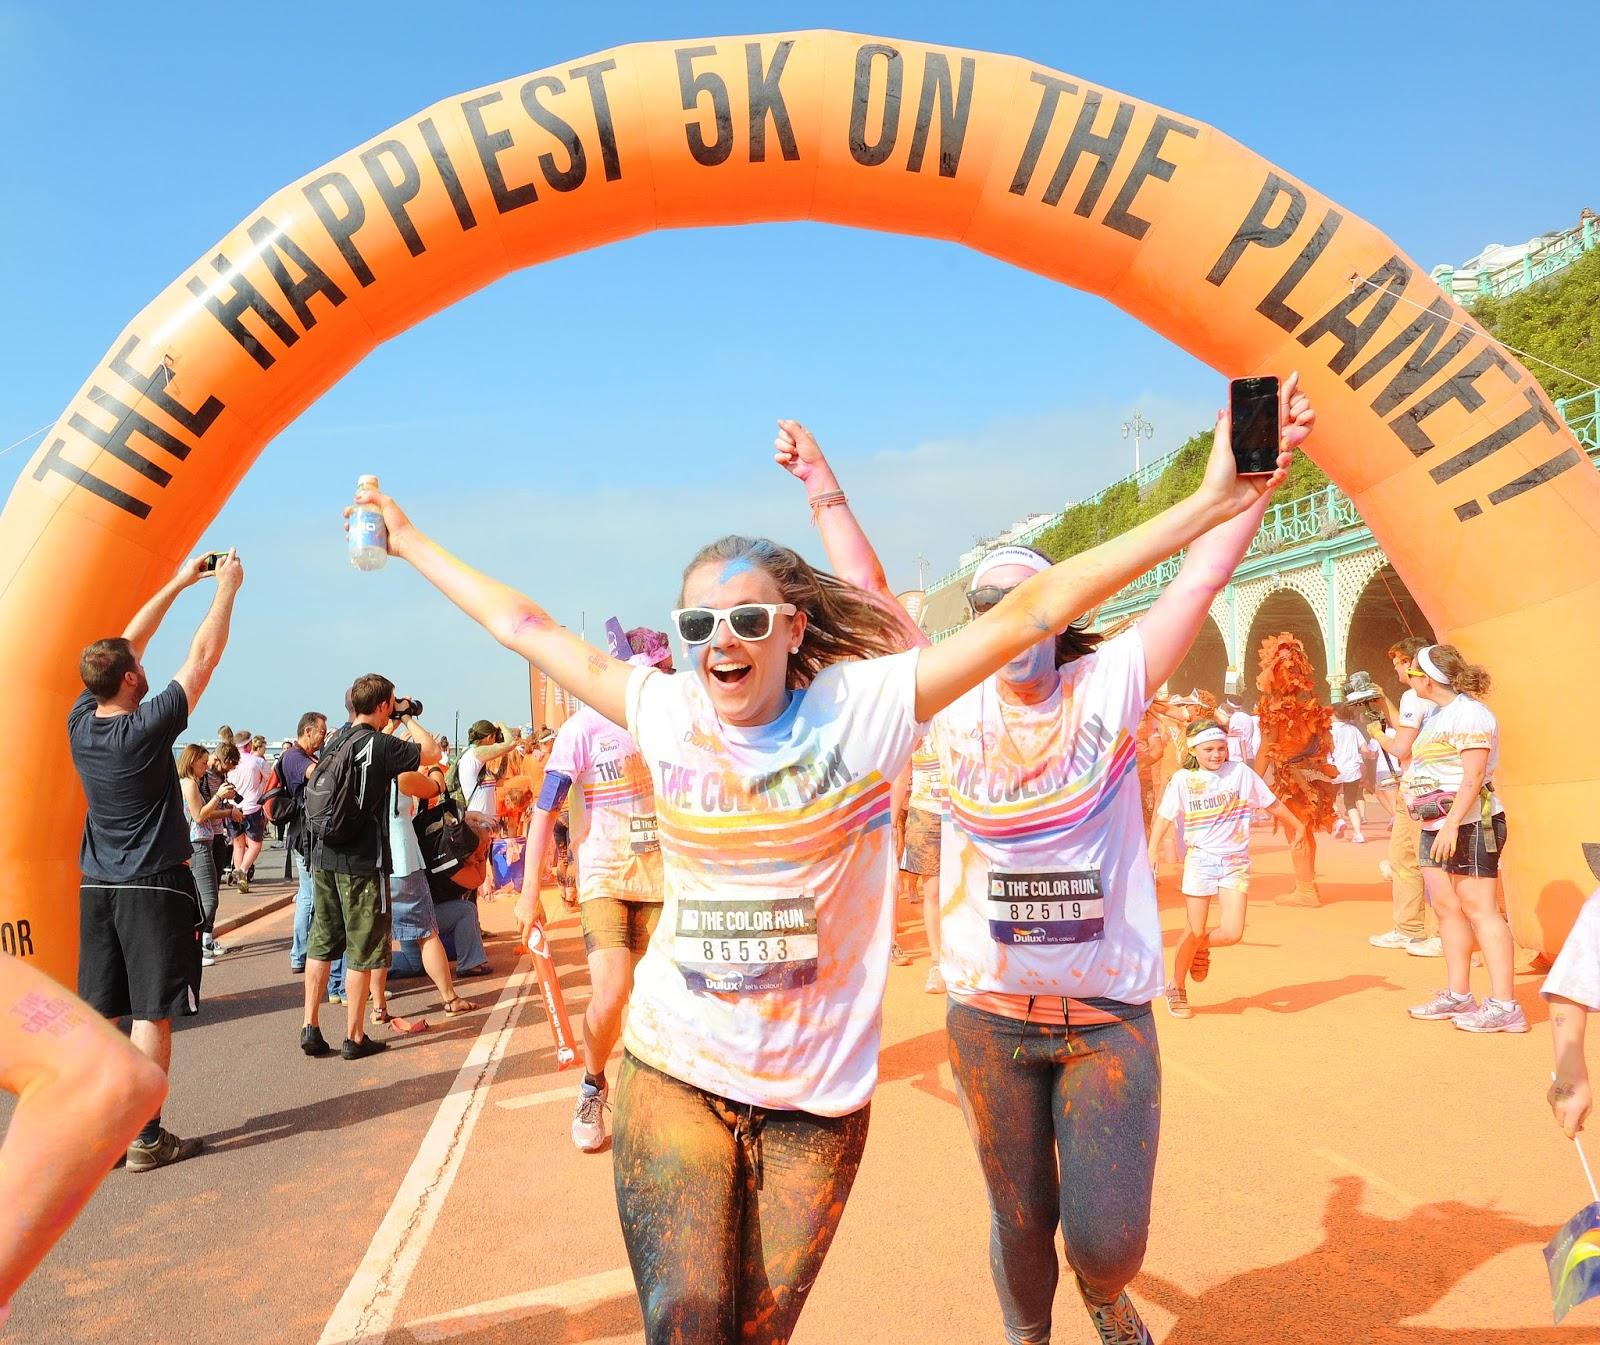 FitBits | Brighton Color Run 2014